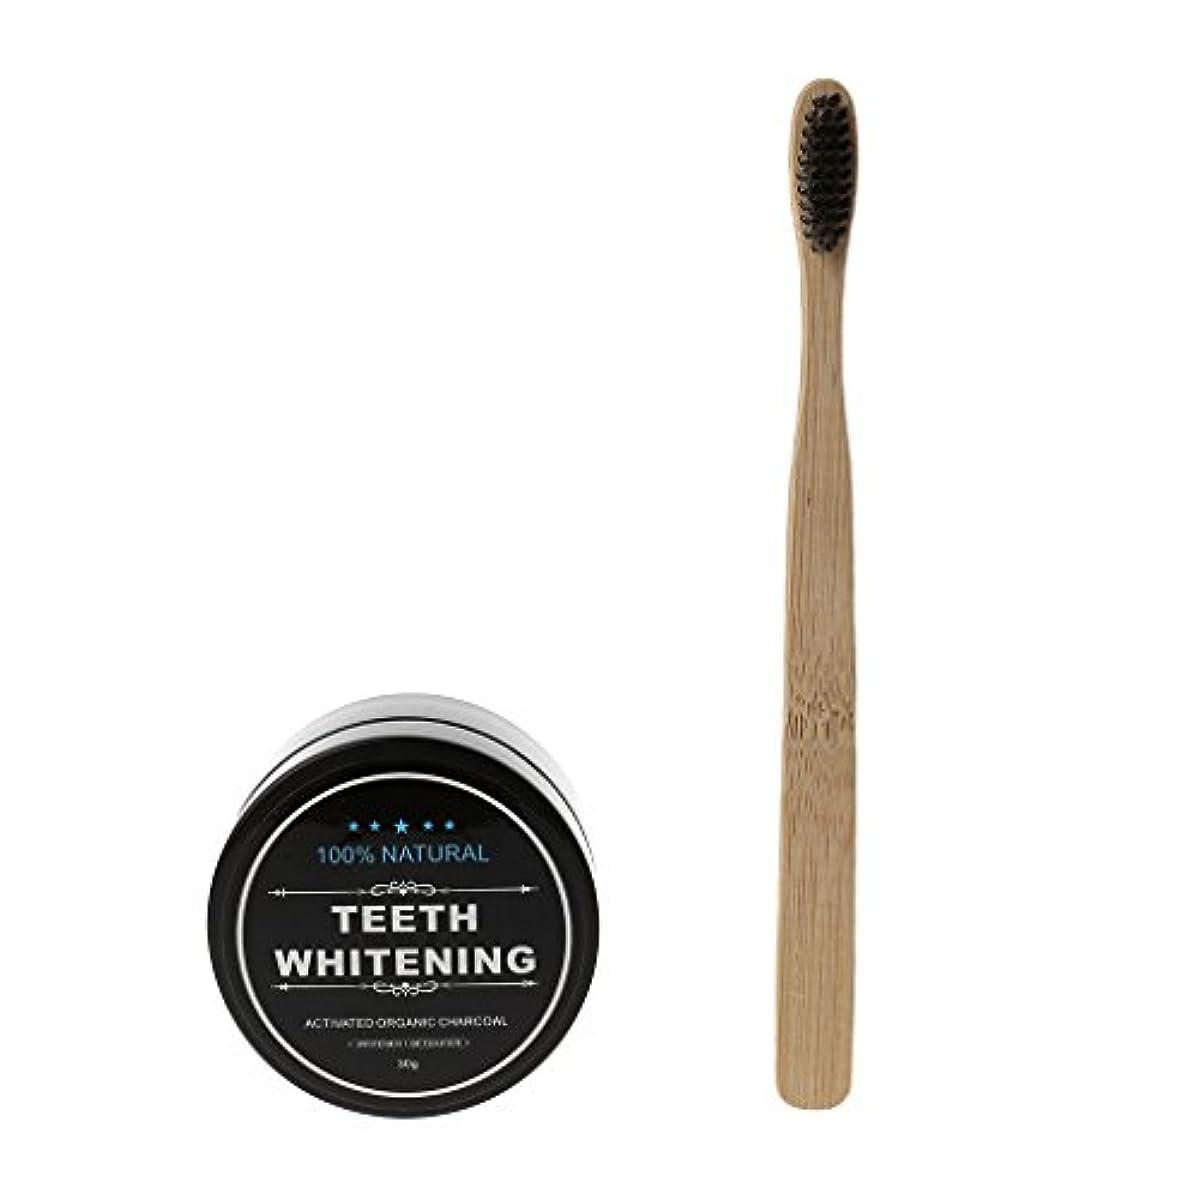 過言相対サイズ引き付けるJAGETRADEバンブーホワイトニング歯のパウダーオーガニックは、木炭の練り歯磨き&歯ブラシシルバーを活性化する